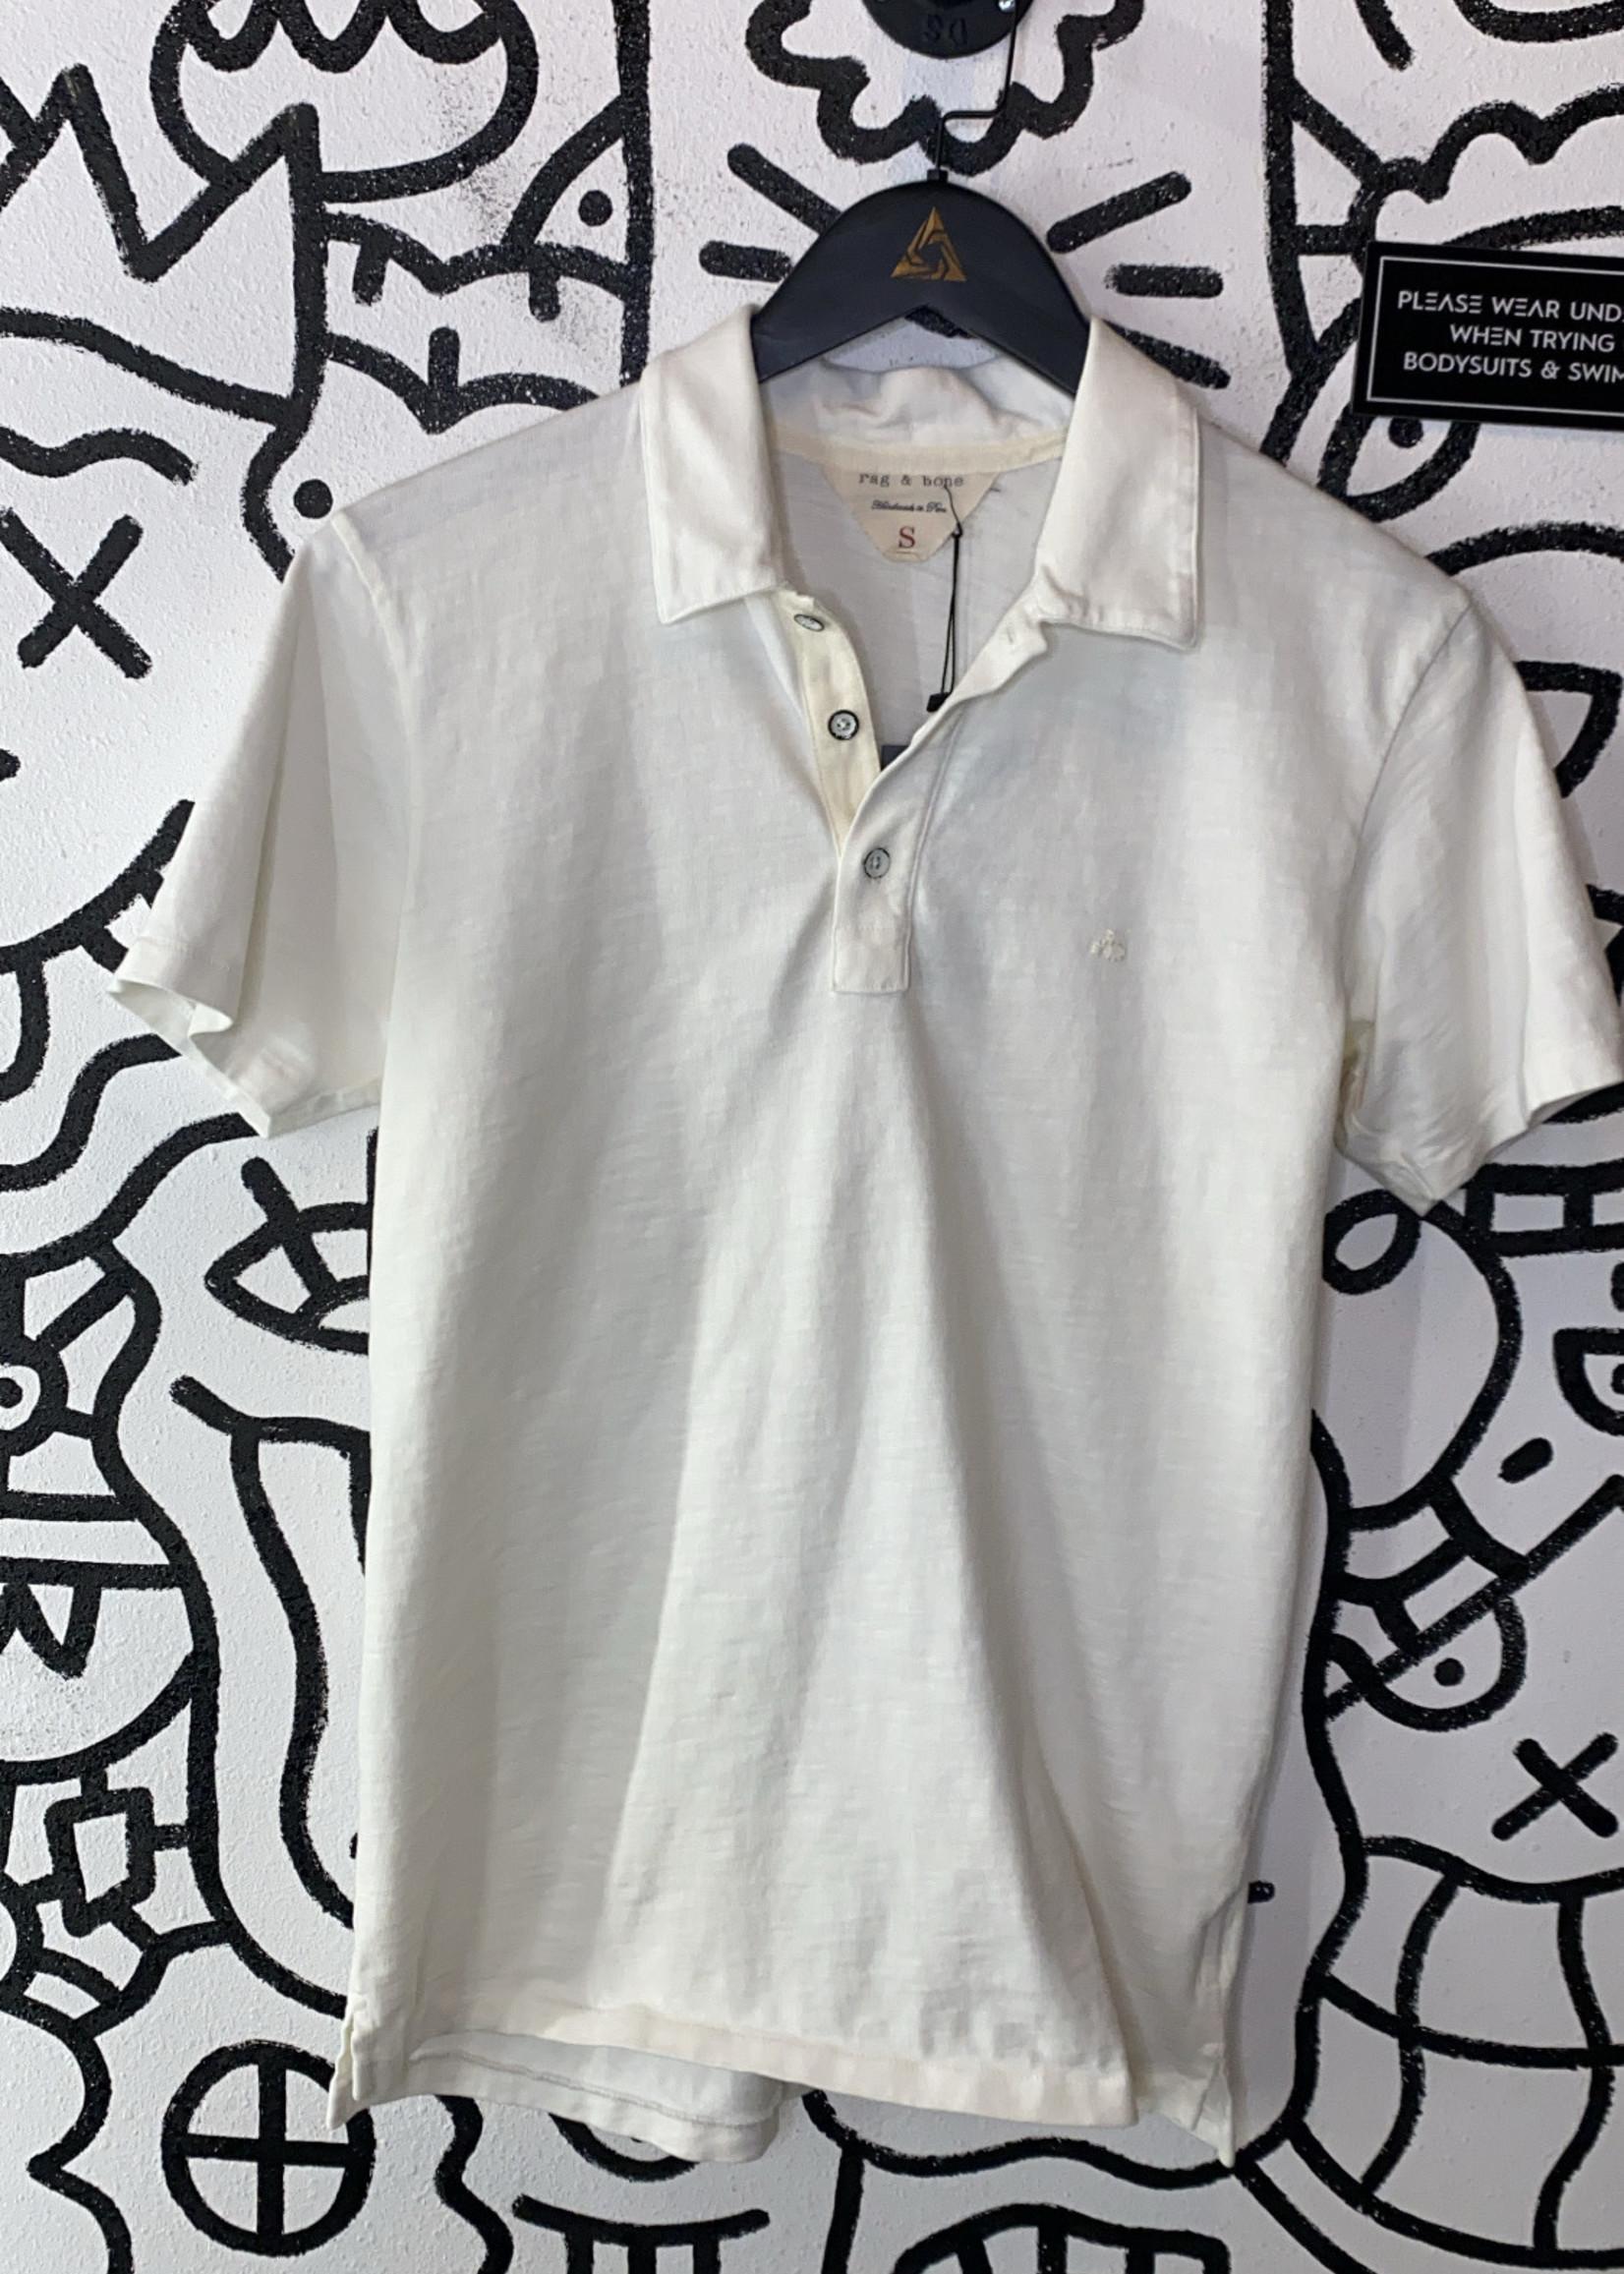 Rag & Bone White Polo (Retail: $100)